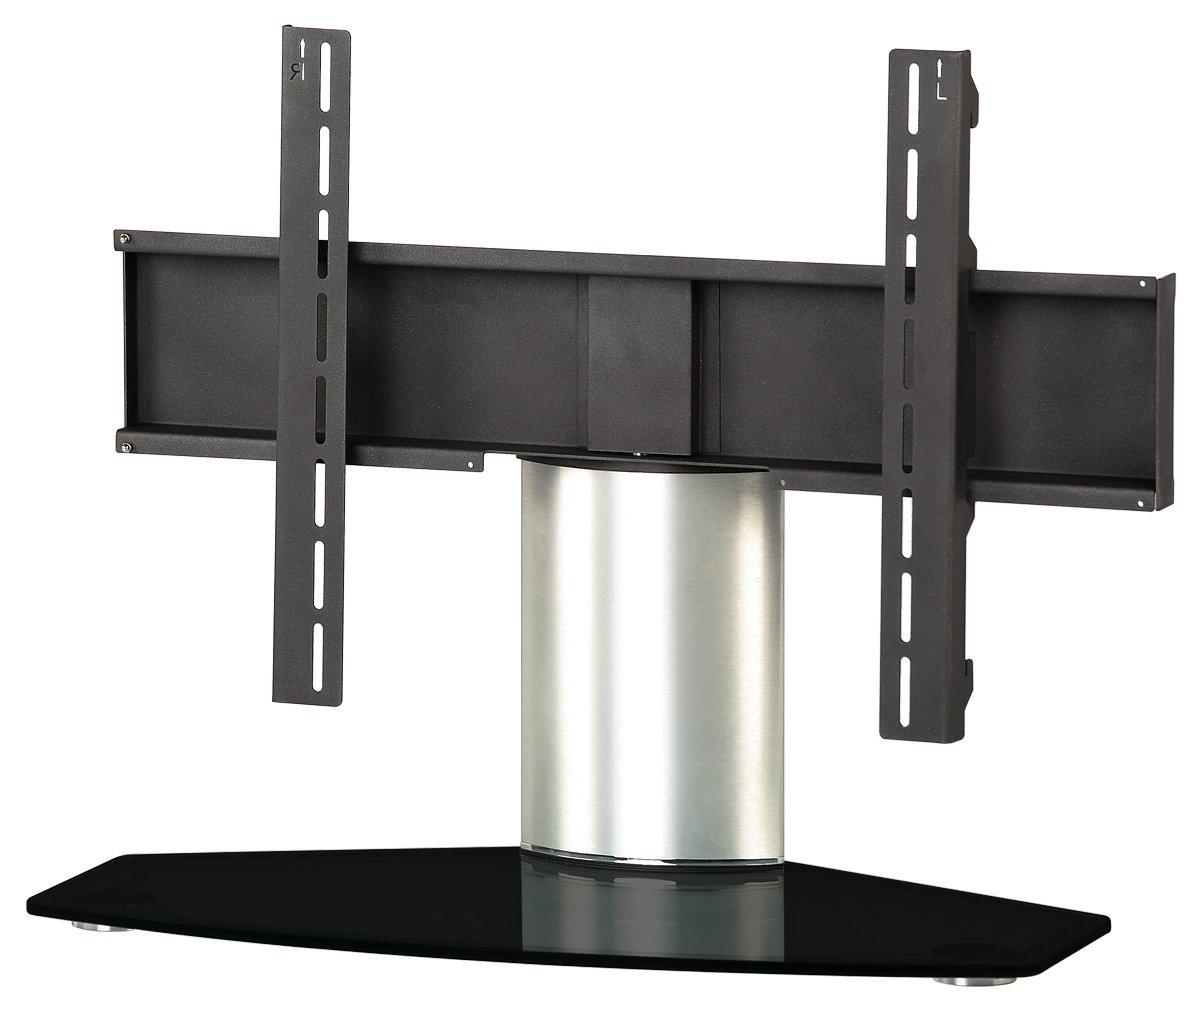 sonorous pl 2310 b slv tv stands. Black Bedroom Furniture Sets. Home Design Ideas